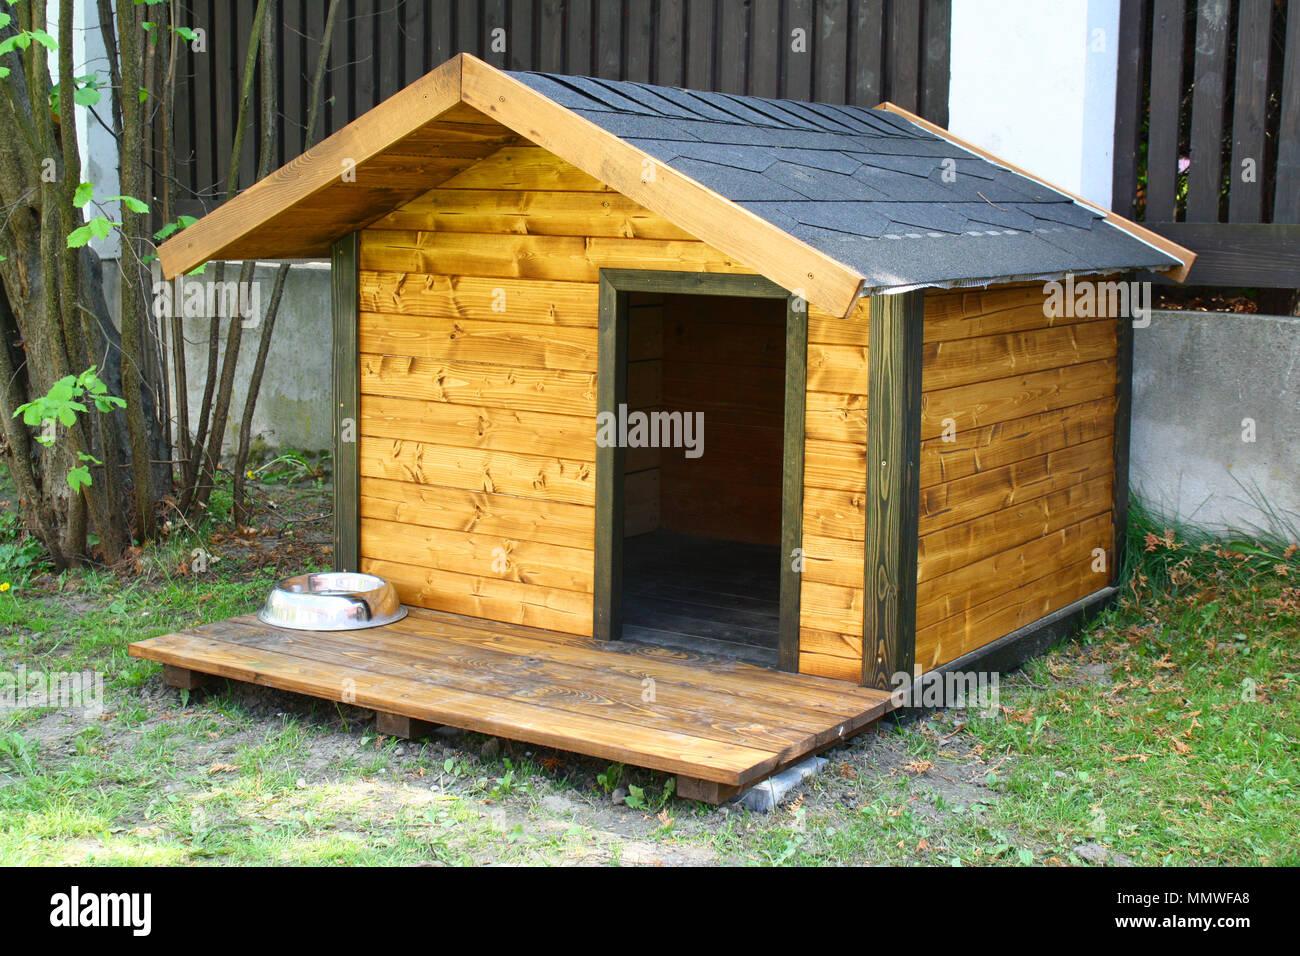 Dog Hut In The Garden